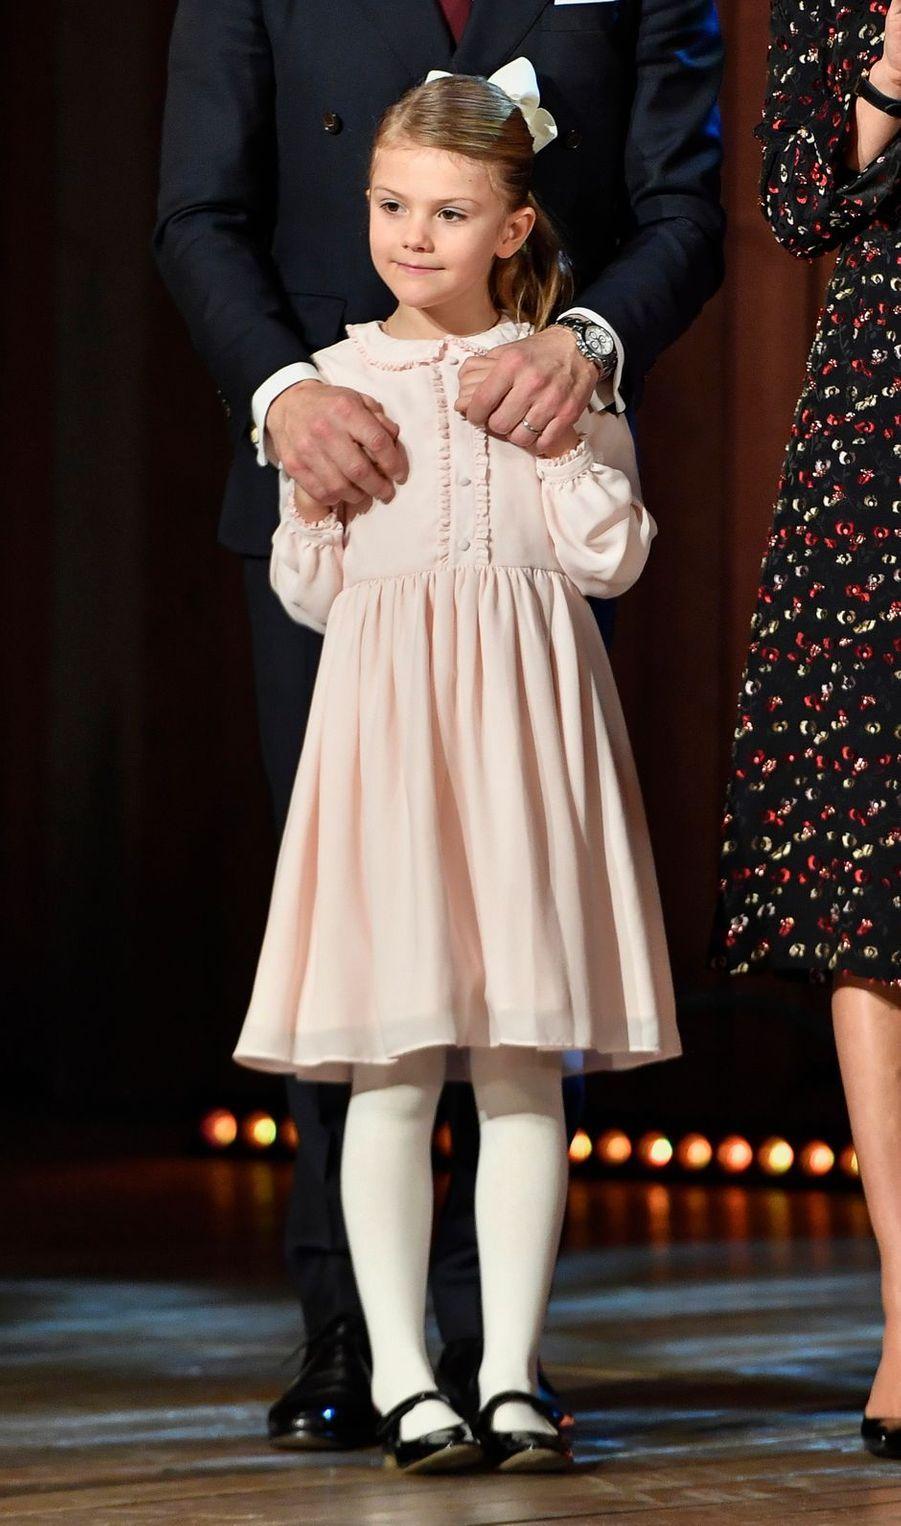 La princesse Estelle de Suède à Stockholm, le 18 décembre 2018